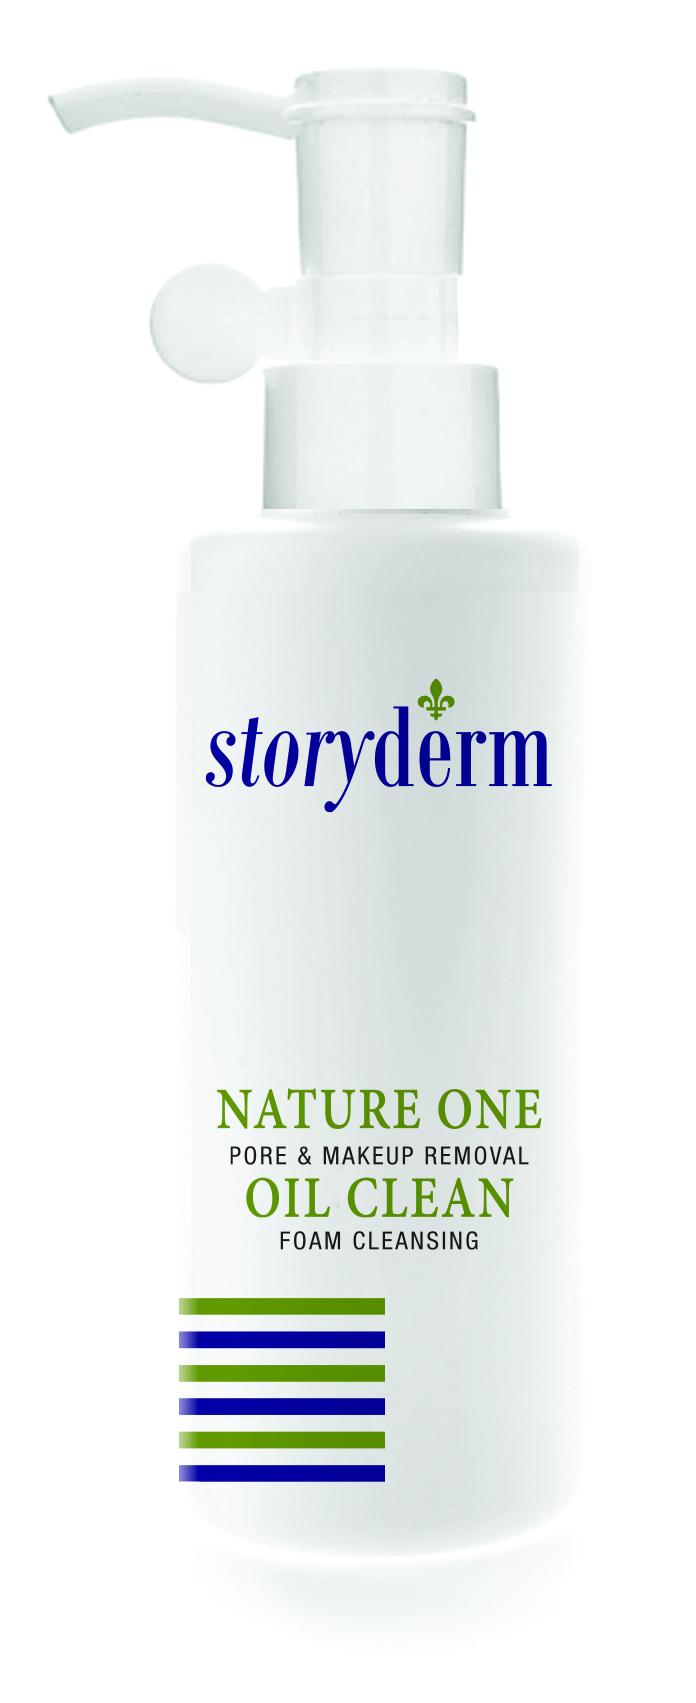 STORYDERM Масло гидрофильное очищающее / Nature One Oil Clean100млМасла<br>Две функции - 1 средство. Универсальное и простое очищающее средство. Идеальное очищающее масло удаляет за одно применение всё: от обычной грязи до водостойкого макияжа. Удаляет кожное сало, загрязнения пор и омертвевшие клетки кожи Минимальное раздражение. Очищающее средство 10-в-1: Очищает поры. Удаляет кожное сало. Удаляет омертвевшие клетки кожи. Успокаивает. Контроль pH. Сужает поры. Увлажнение. Гипоаллергенность. Способ применения: 1. Не мочите кожу лица, оставьте ее сухой. Вылейте достаточный объём средства в ладонь и мягко вотрите на всю поверхность кожи лица. 2. Добавьте воды, вспеньте, втирайте в кожу по часовой стрелке. 3. Смойте теплой водой.<br><br>Объем: 100 мл